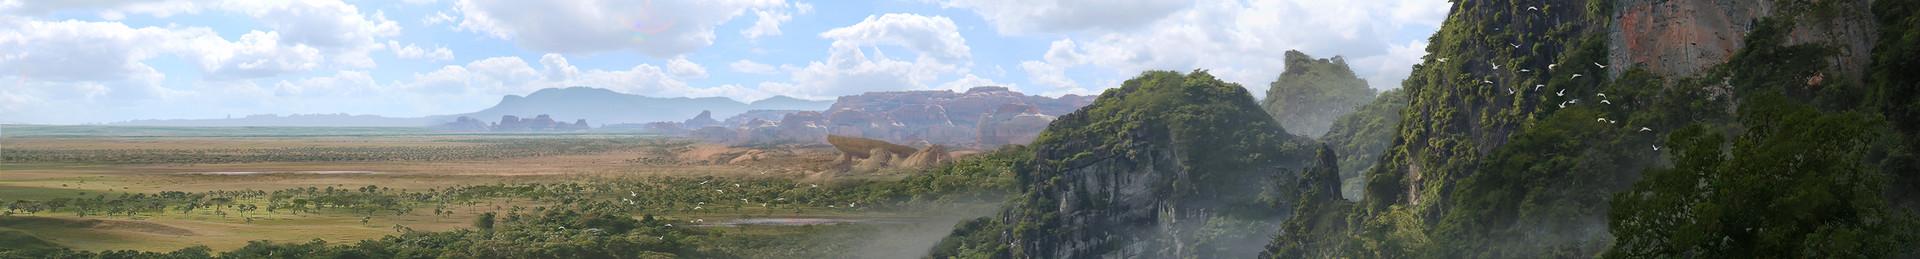 Guillem h pongiluppi 9 africa panoramic 1